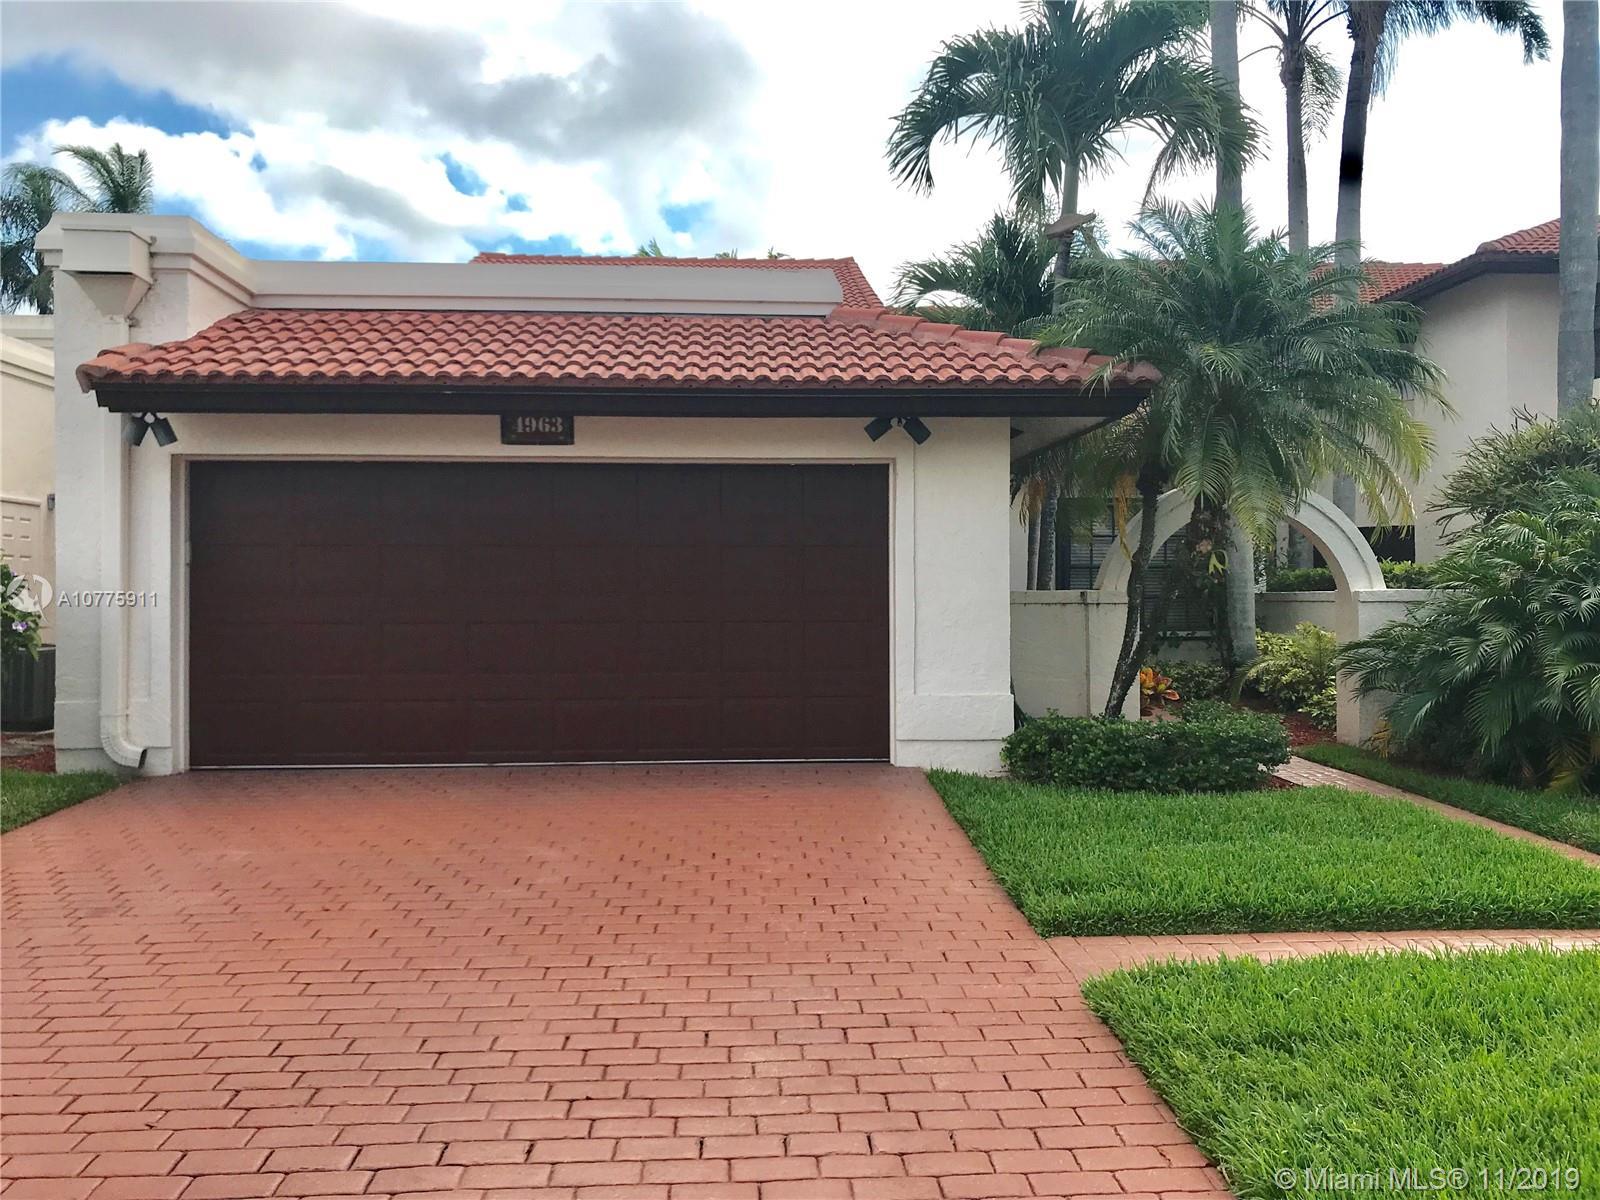 Property for sale at 4963 NW 93 DORAL CIR. E., Doral,  Florida 33178